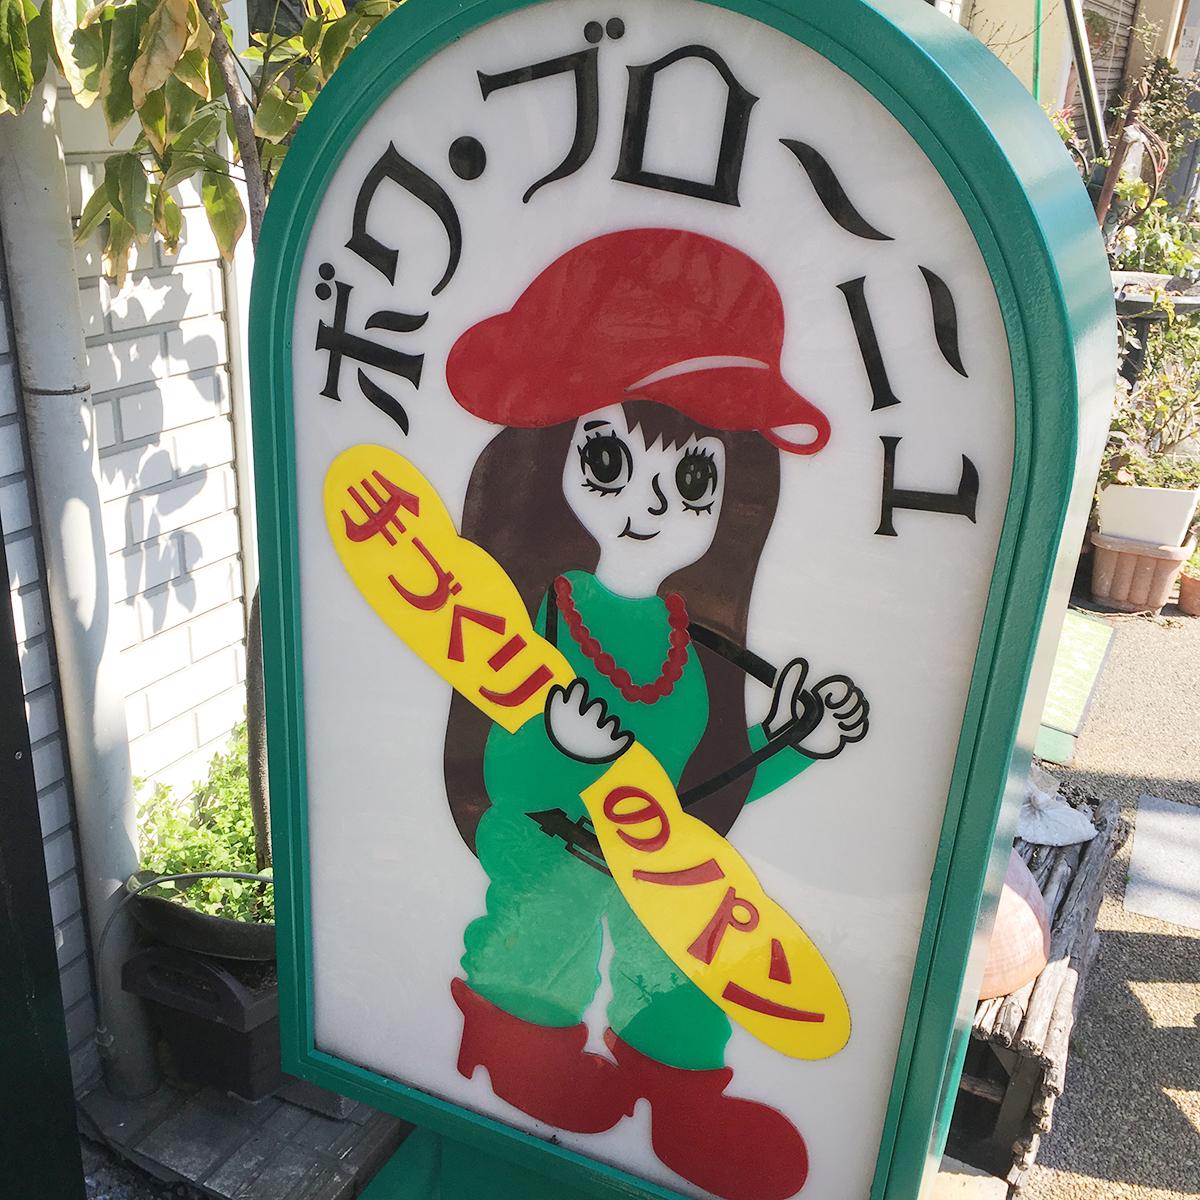 レーズンぎっしり!すごすぎる天然酵母ぶどうパン!田原町の「ボワブローニュ」